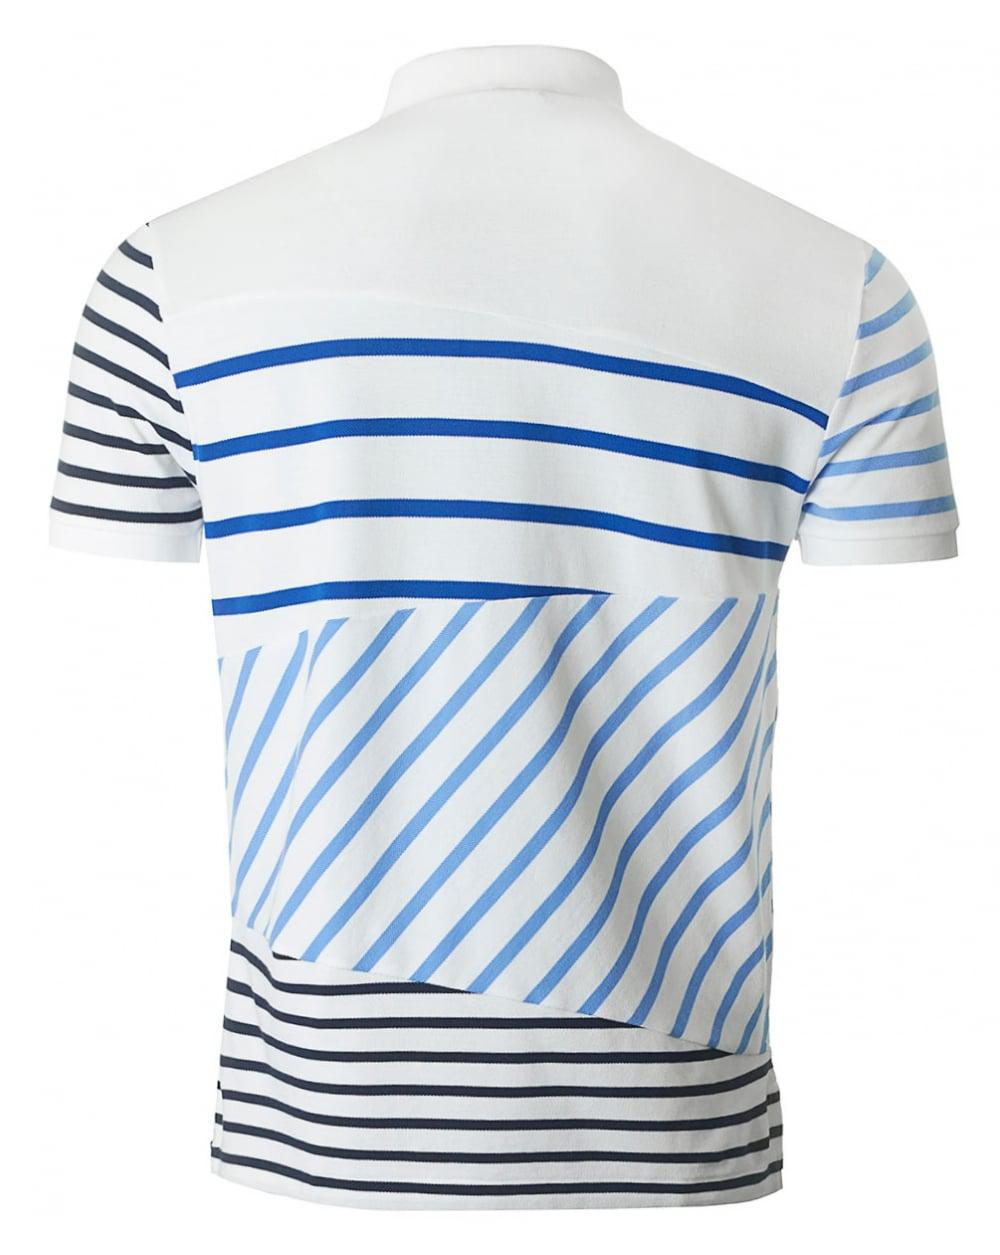 Cut Men Custom Ralph For Lauren Fit Sew And Polo White T3lFKc1J